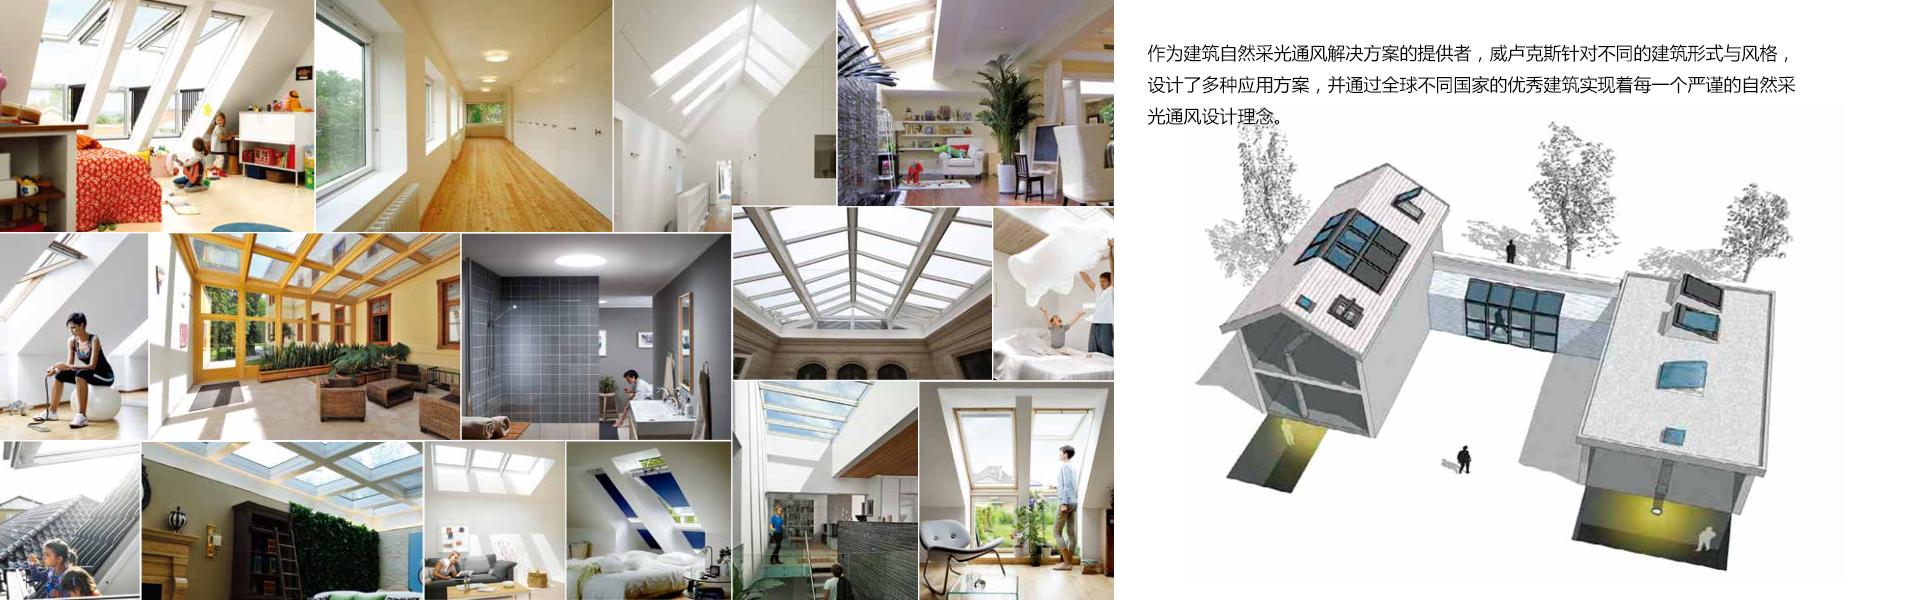 重慶威盧克斯針對不同的建筑形式與風格, 設計了多種應用方案